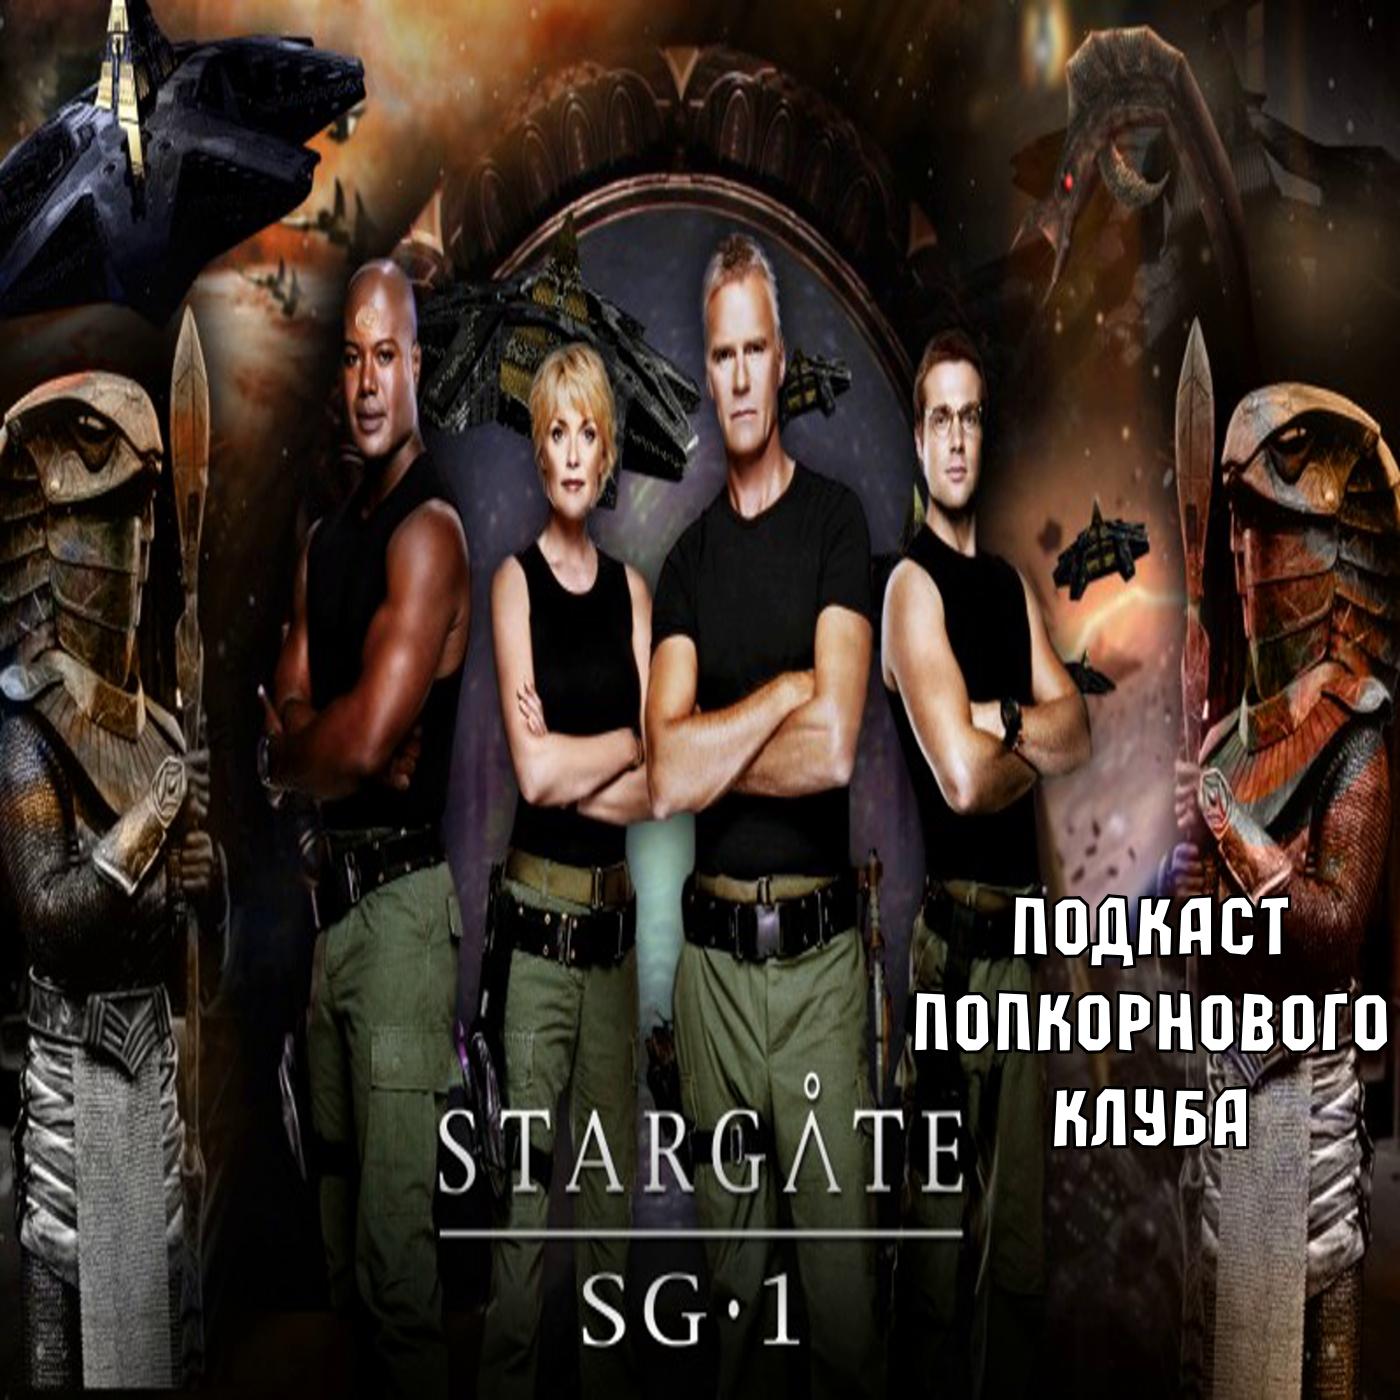 Звёздные врата: SG-1 - Попкорновый клуб